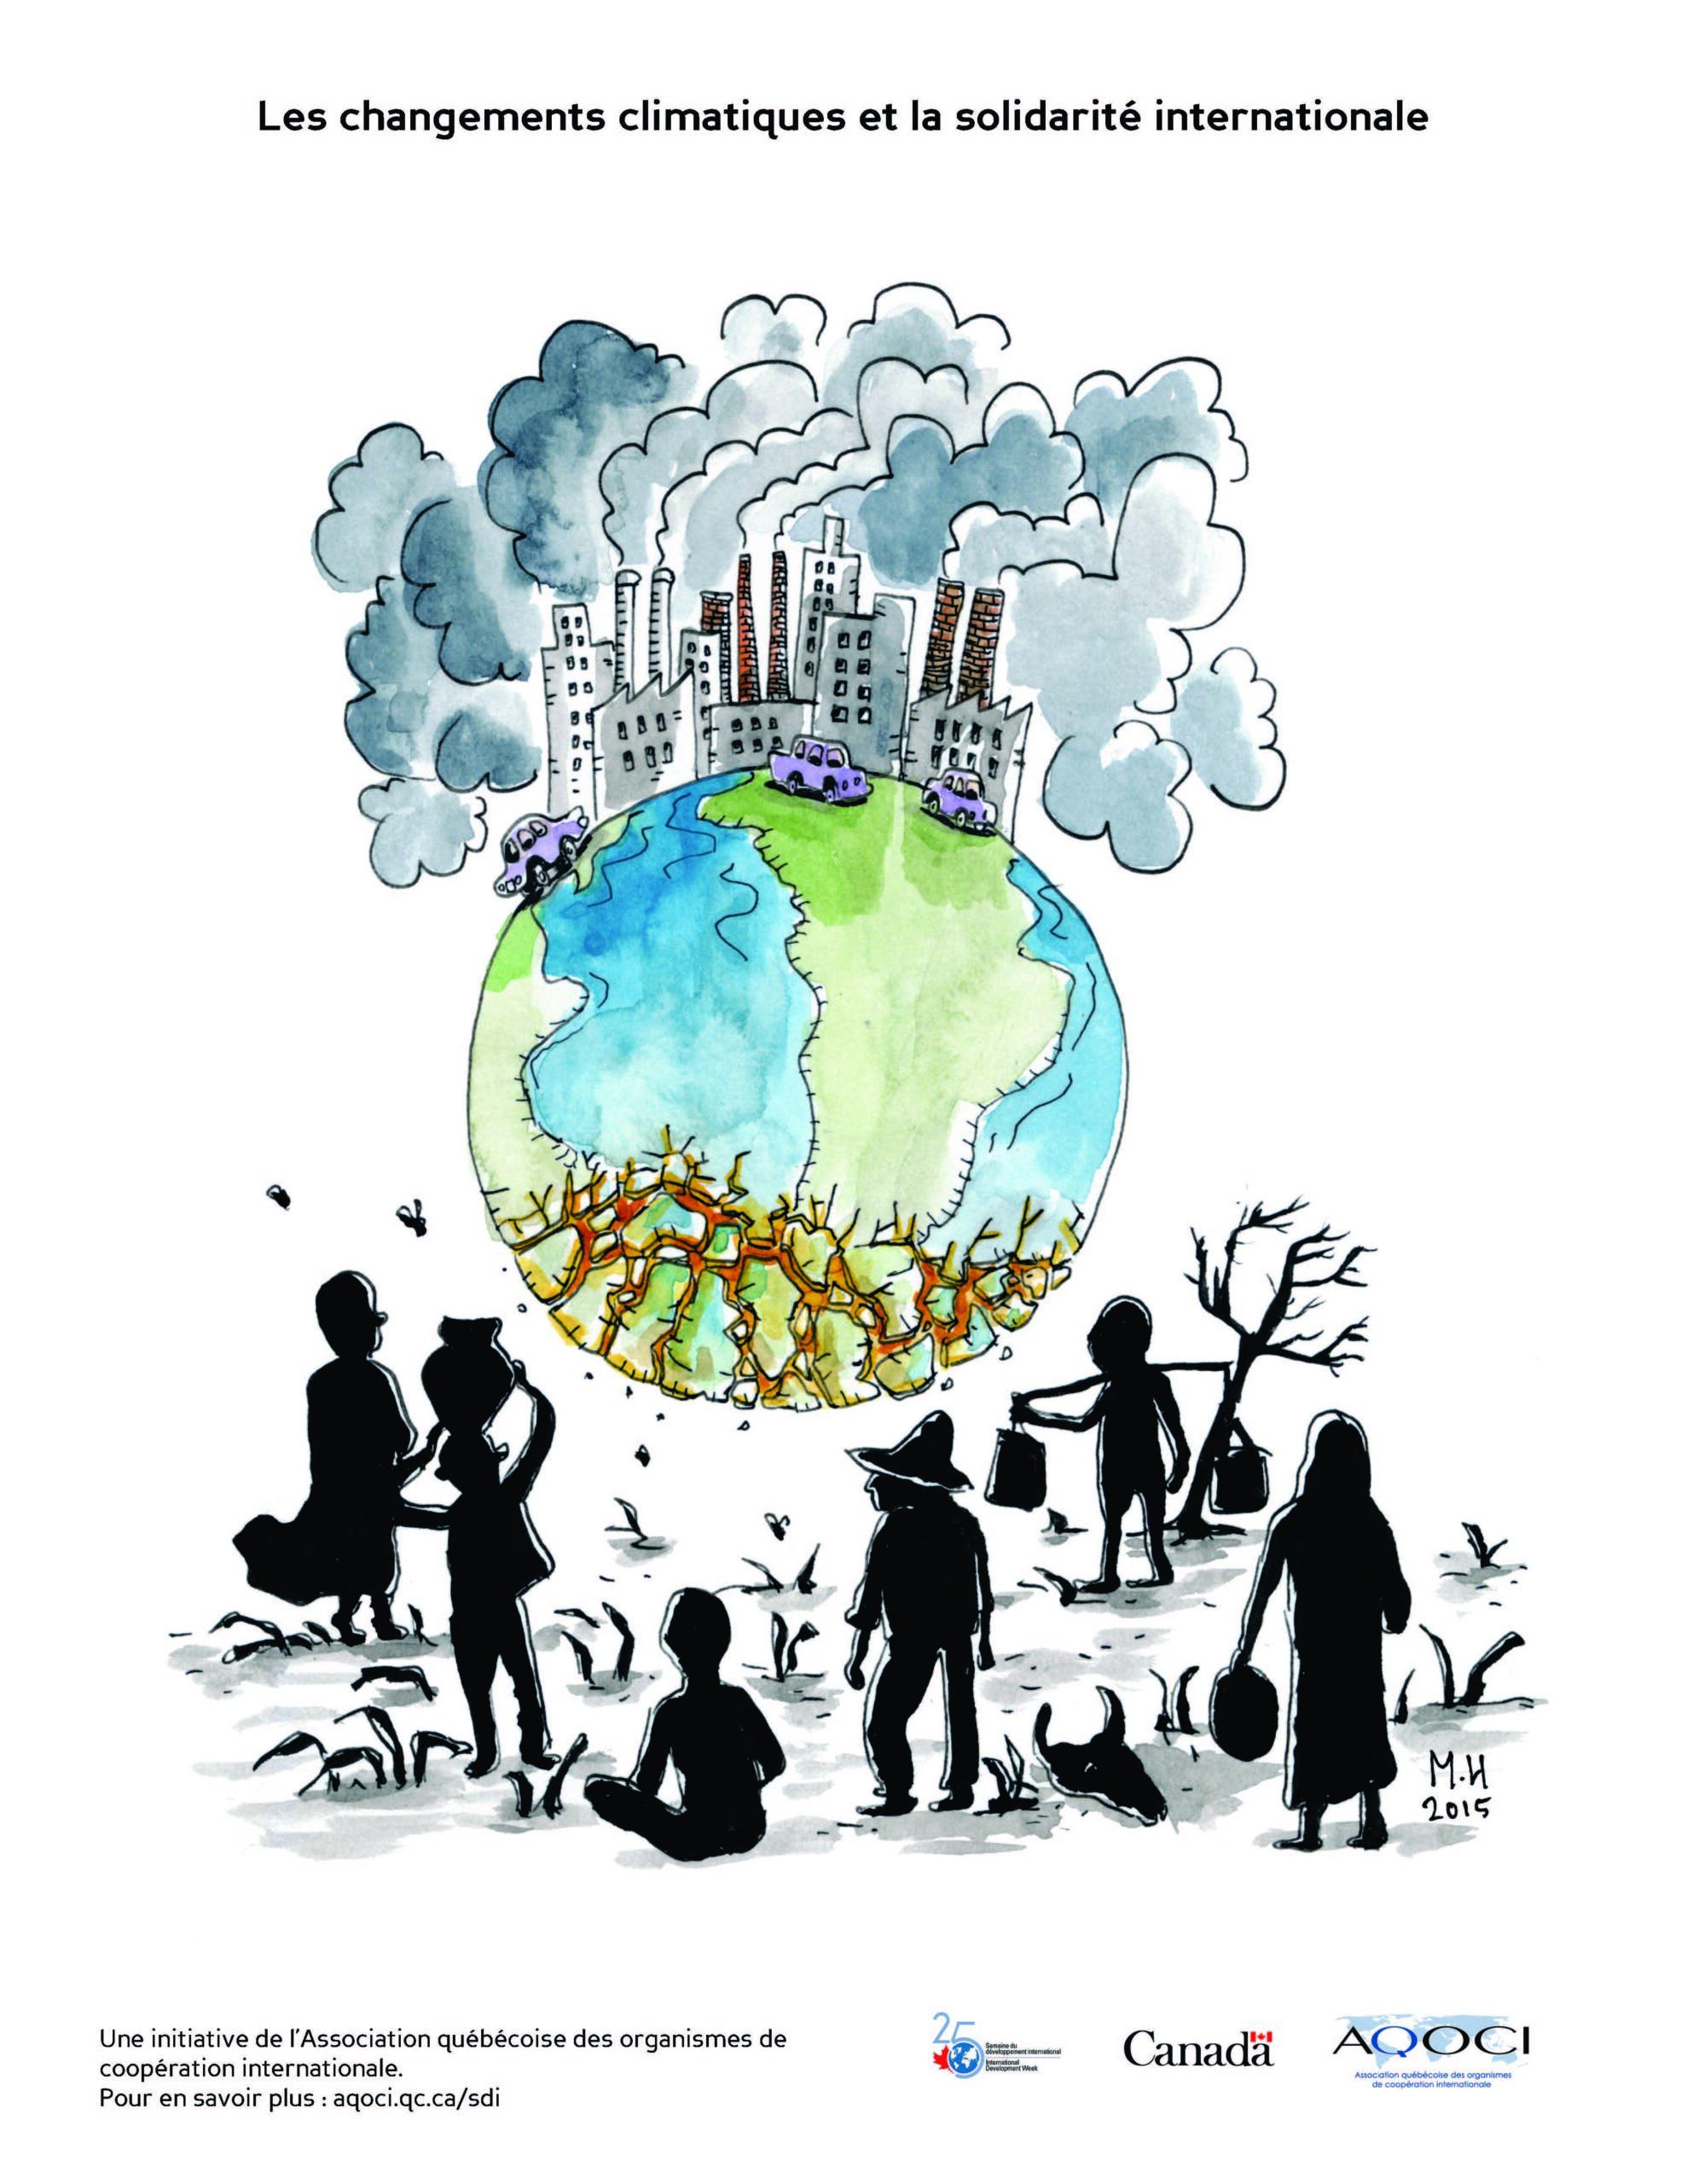 BD - Les changements climatiques et la solidarité internationale - Haute résolution